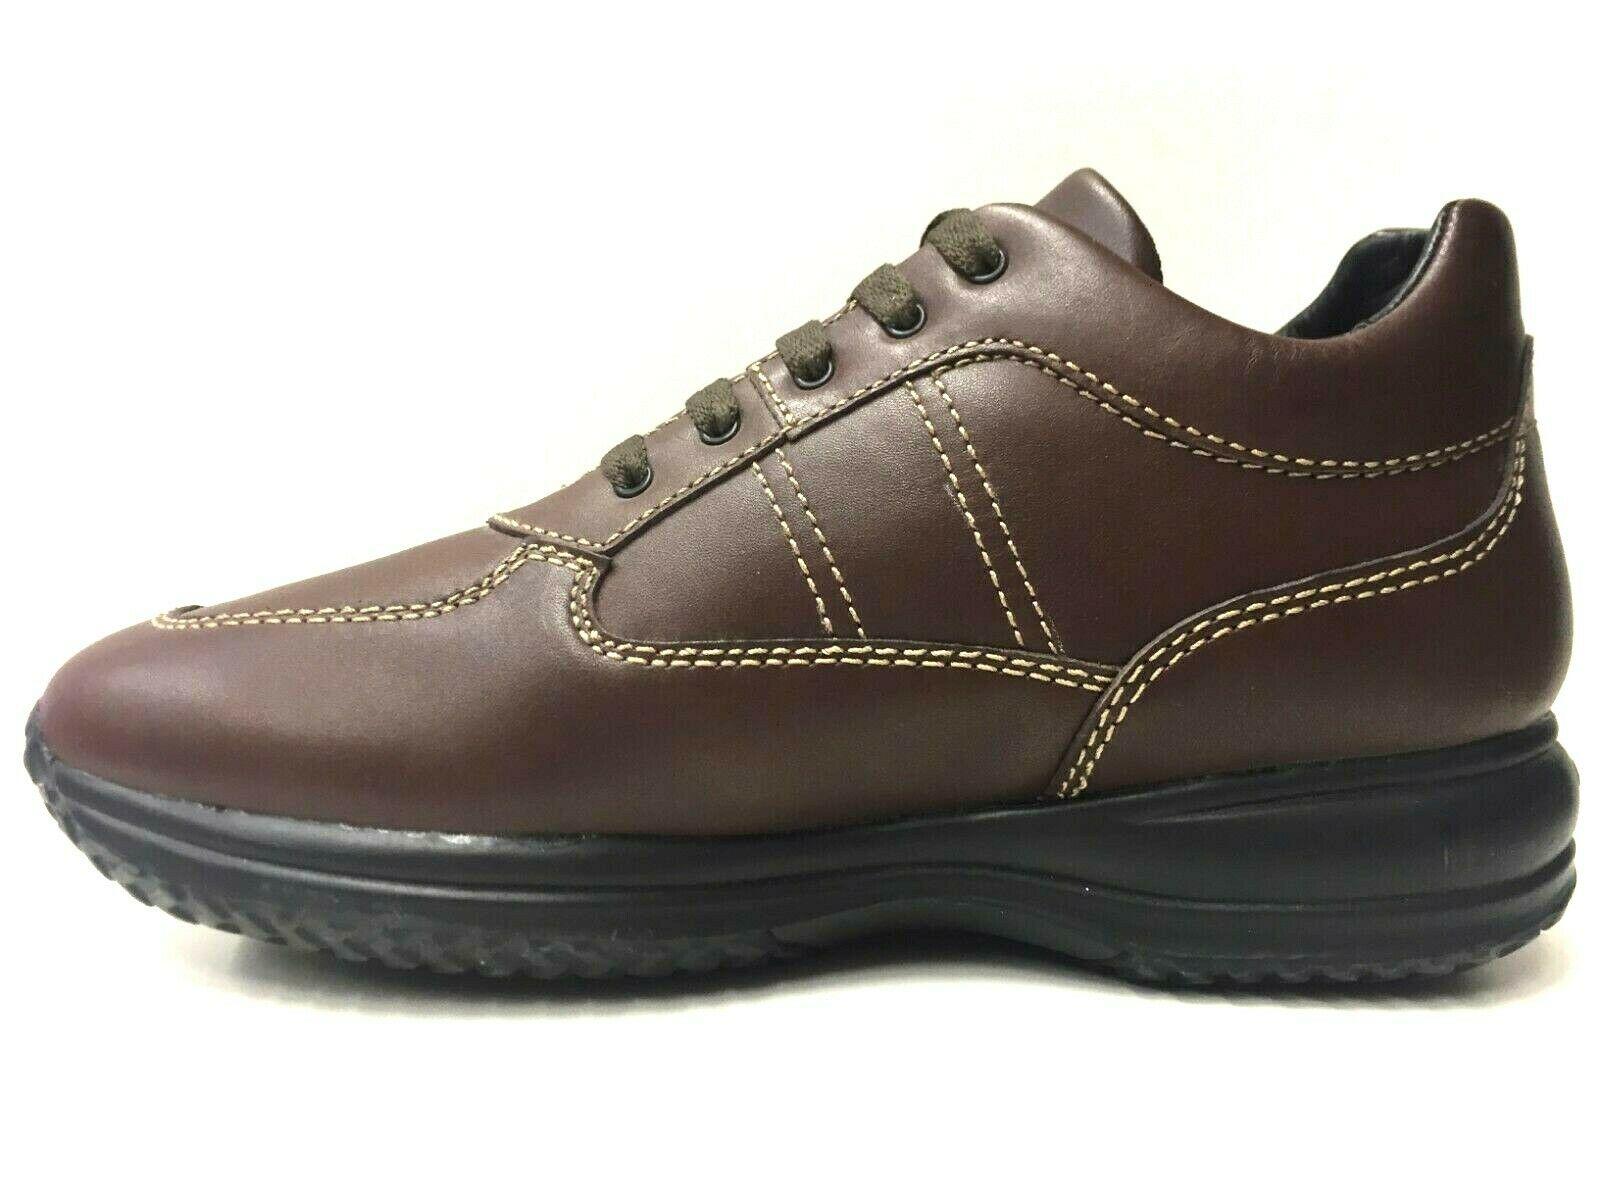 Donna A Happy Original Geox Scarpe A J3356a i 00043 Sneakers Casual C6009 Pelle Eqn14